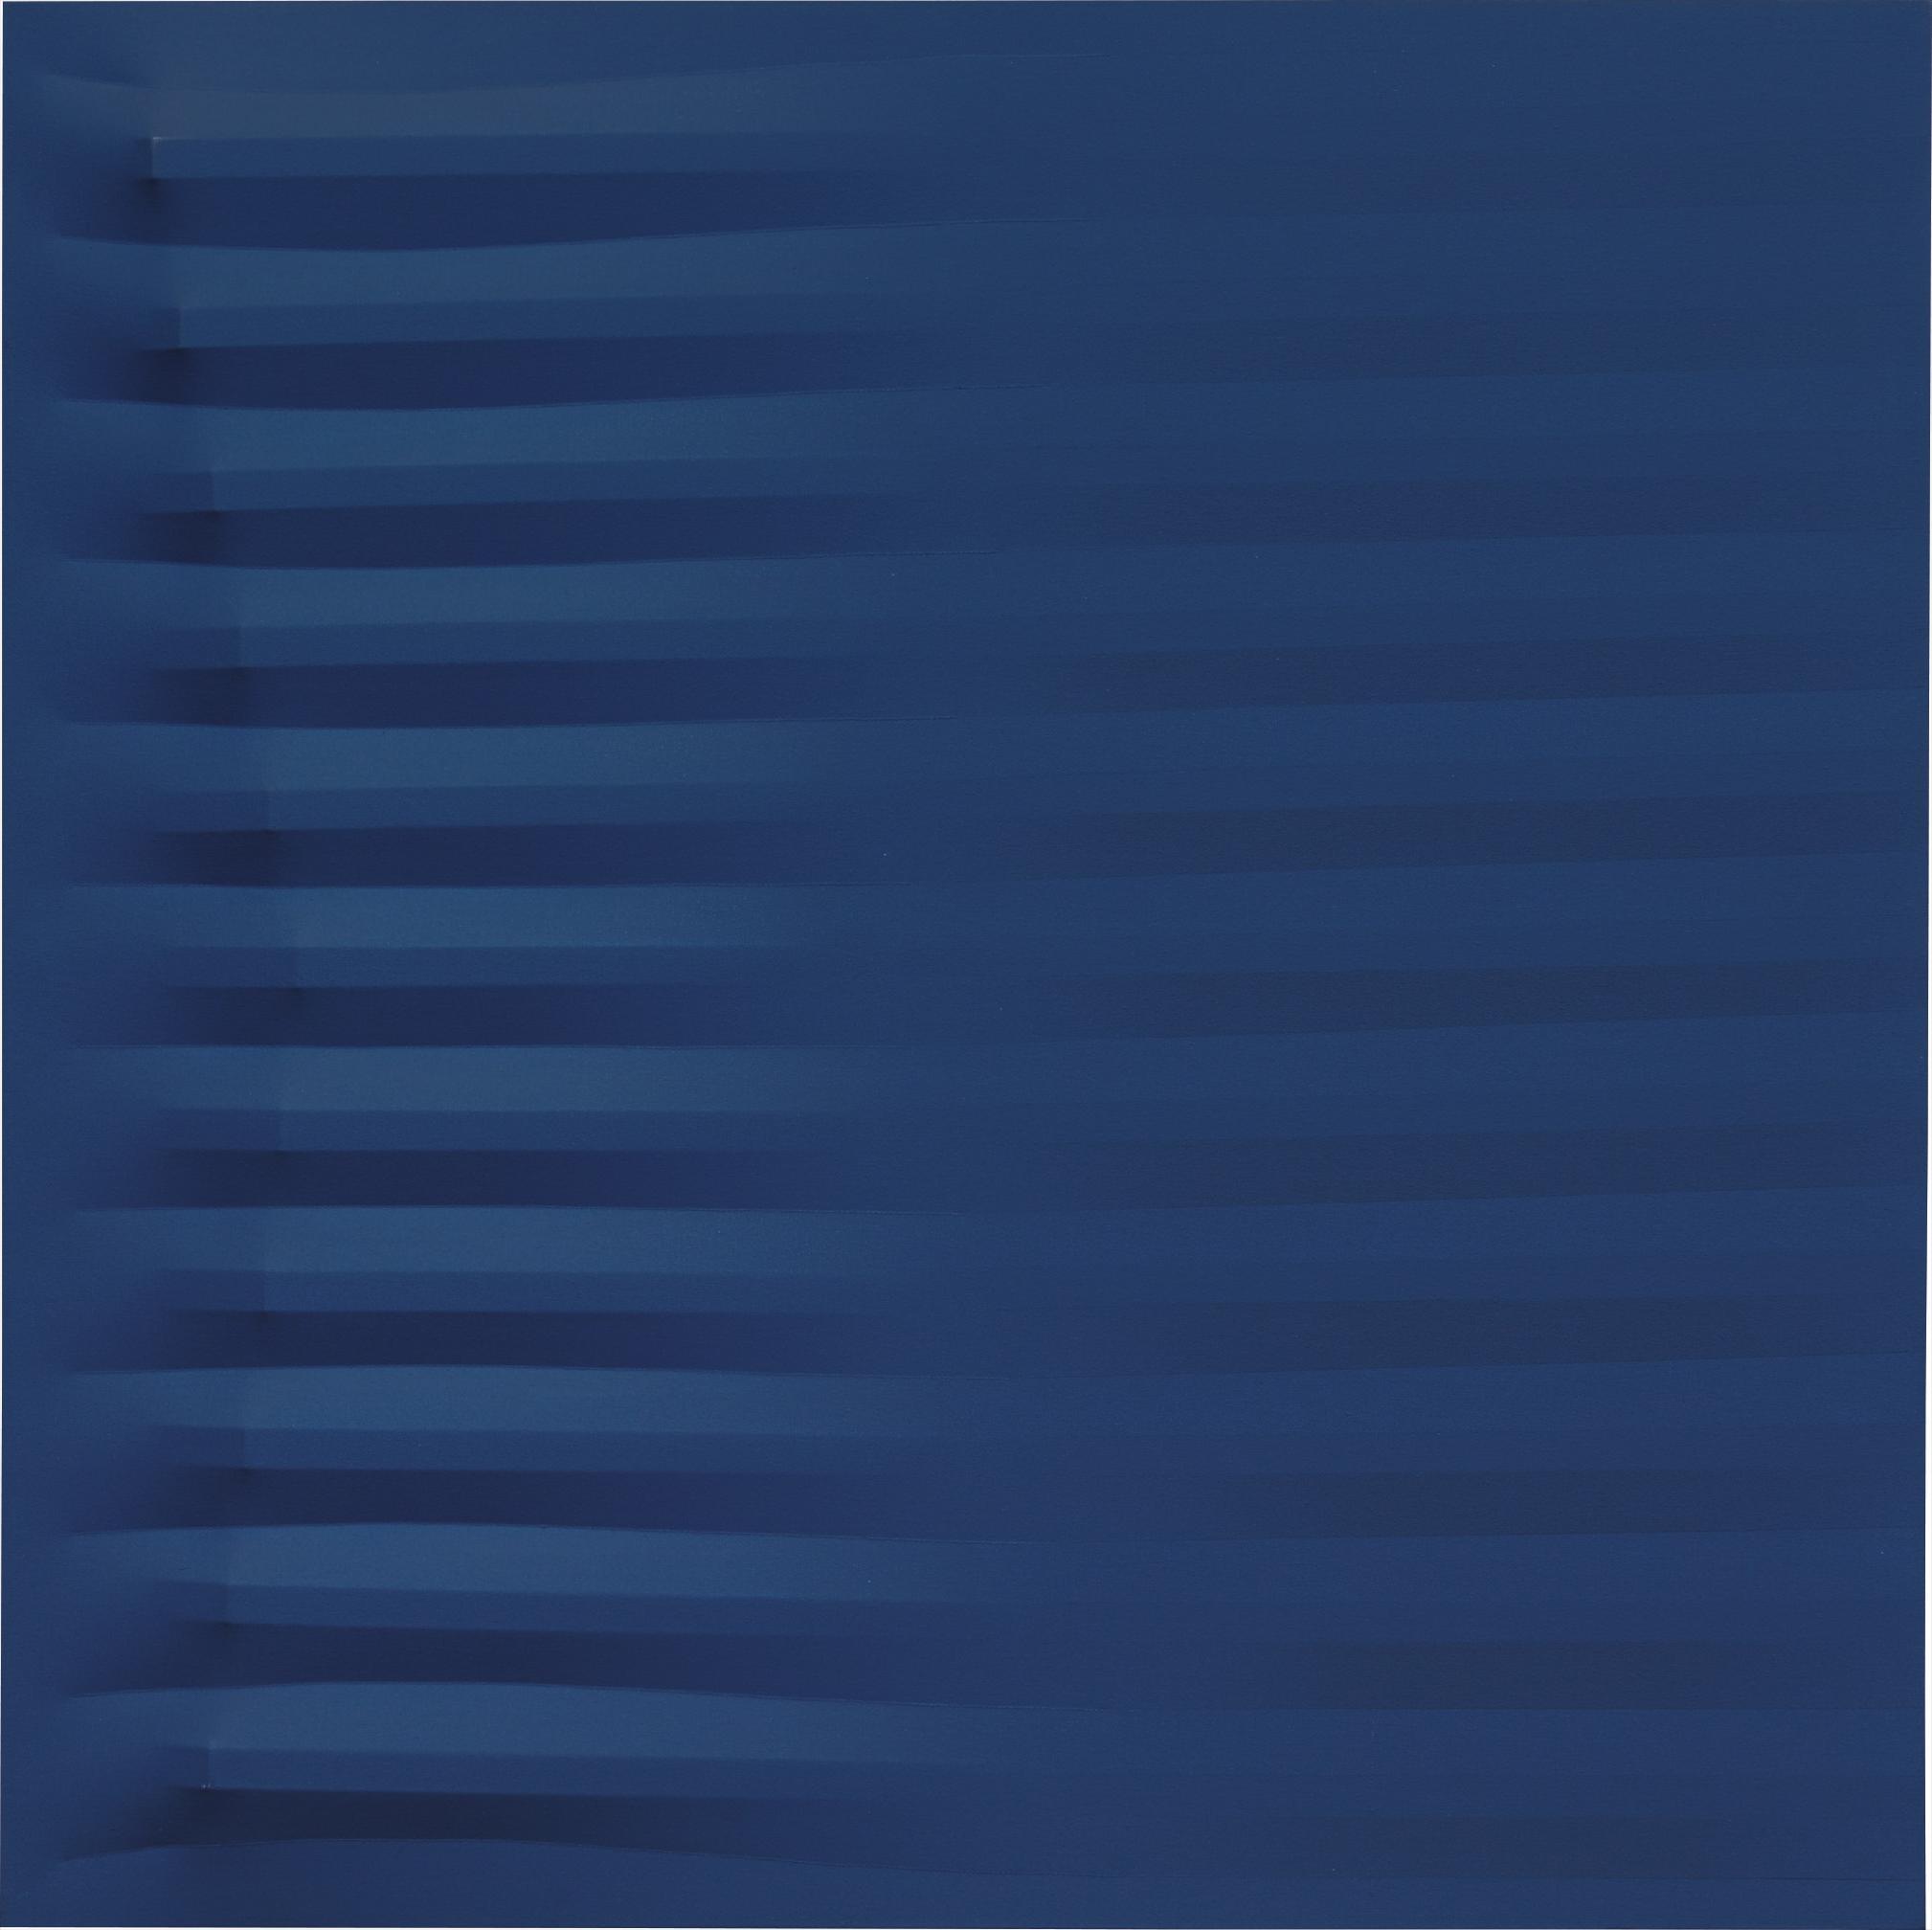 Agostino Bonalumi-Blu-1979